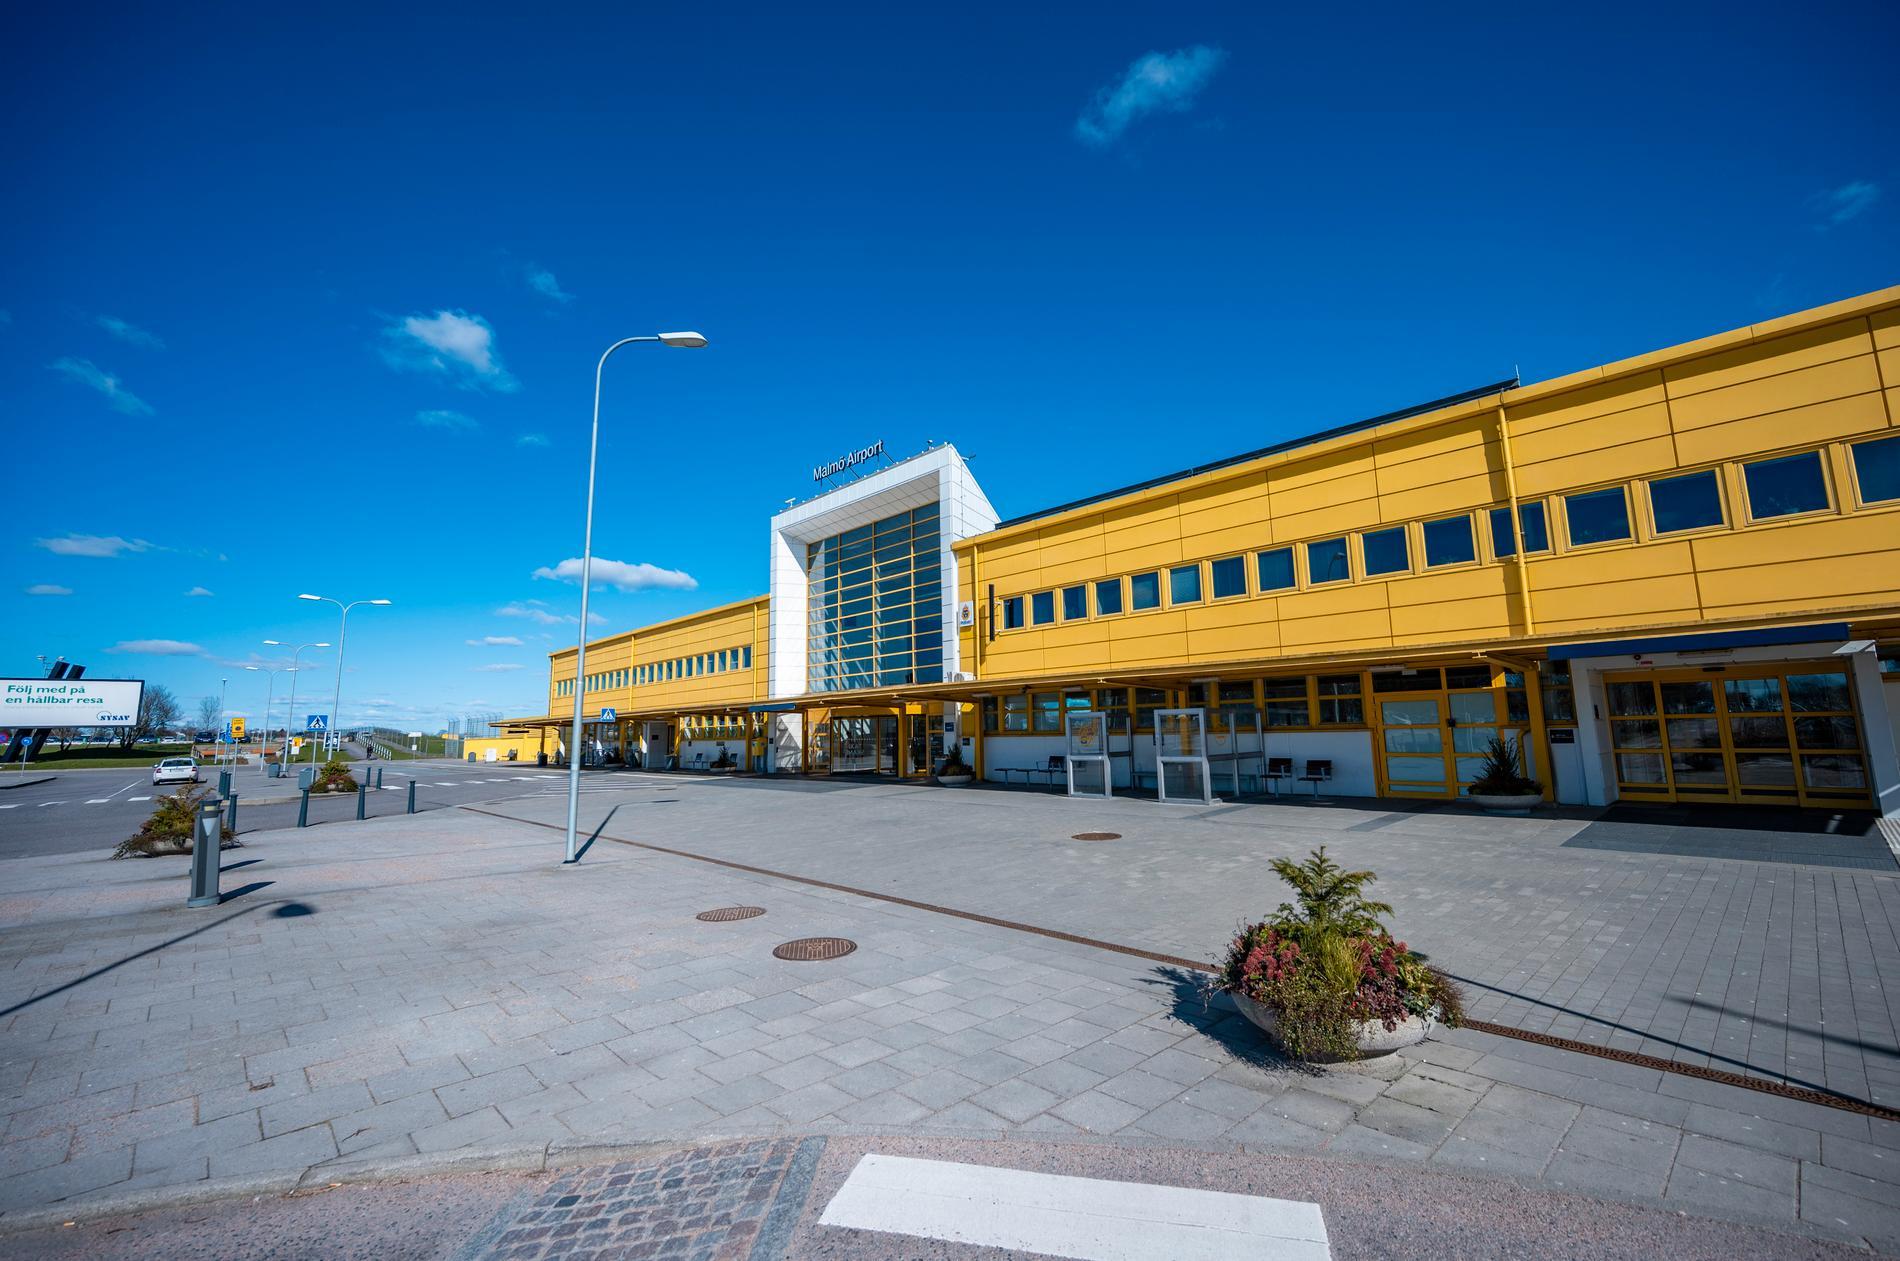 Alla flygplatser som drivs av Swedavia såg kraftigt minskat resande förra året. Arkivbild från ett tomt Malmö Airport (Sturup) i mars 2020.